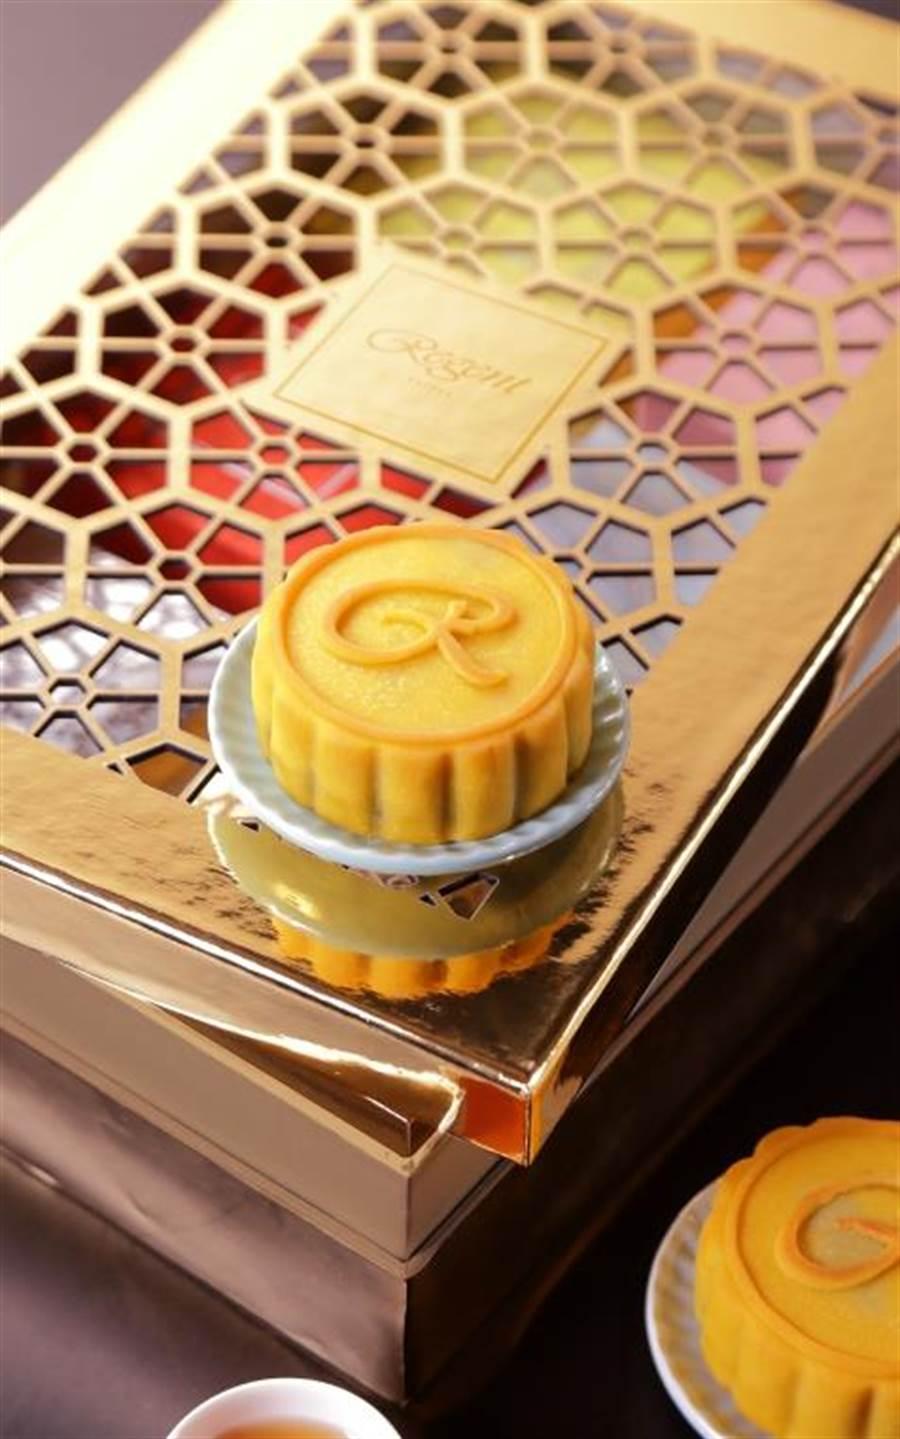 遠百晶華酒店「賞月」茶.桃山月餅禮盒,6入,1280元。(遠百提供)